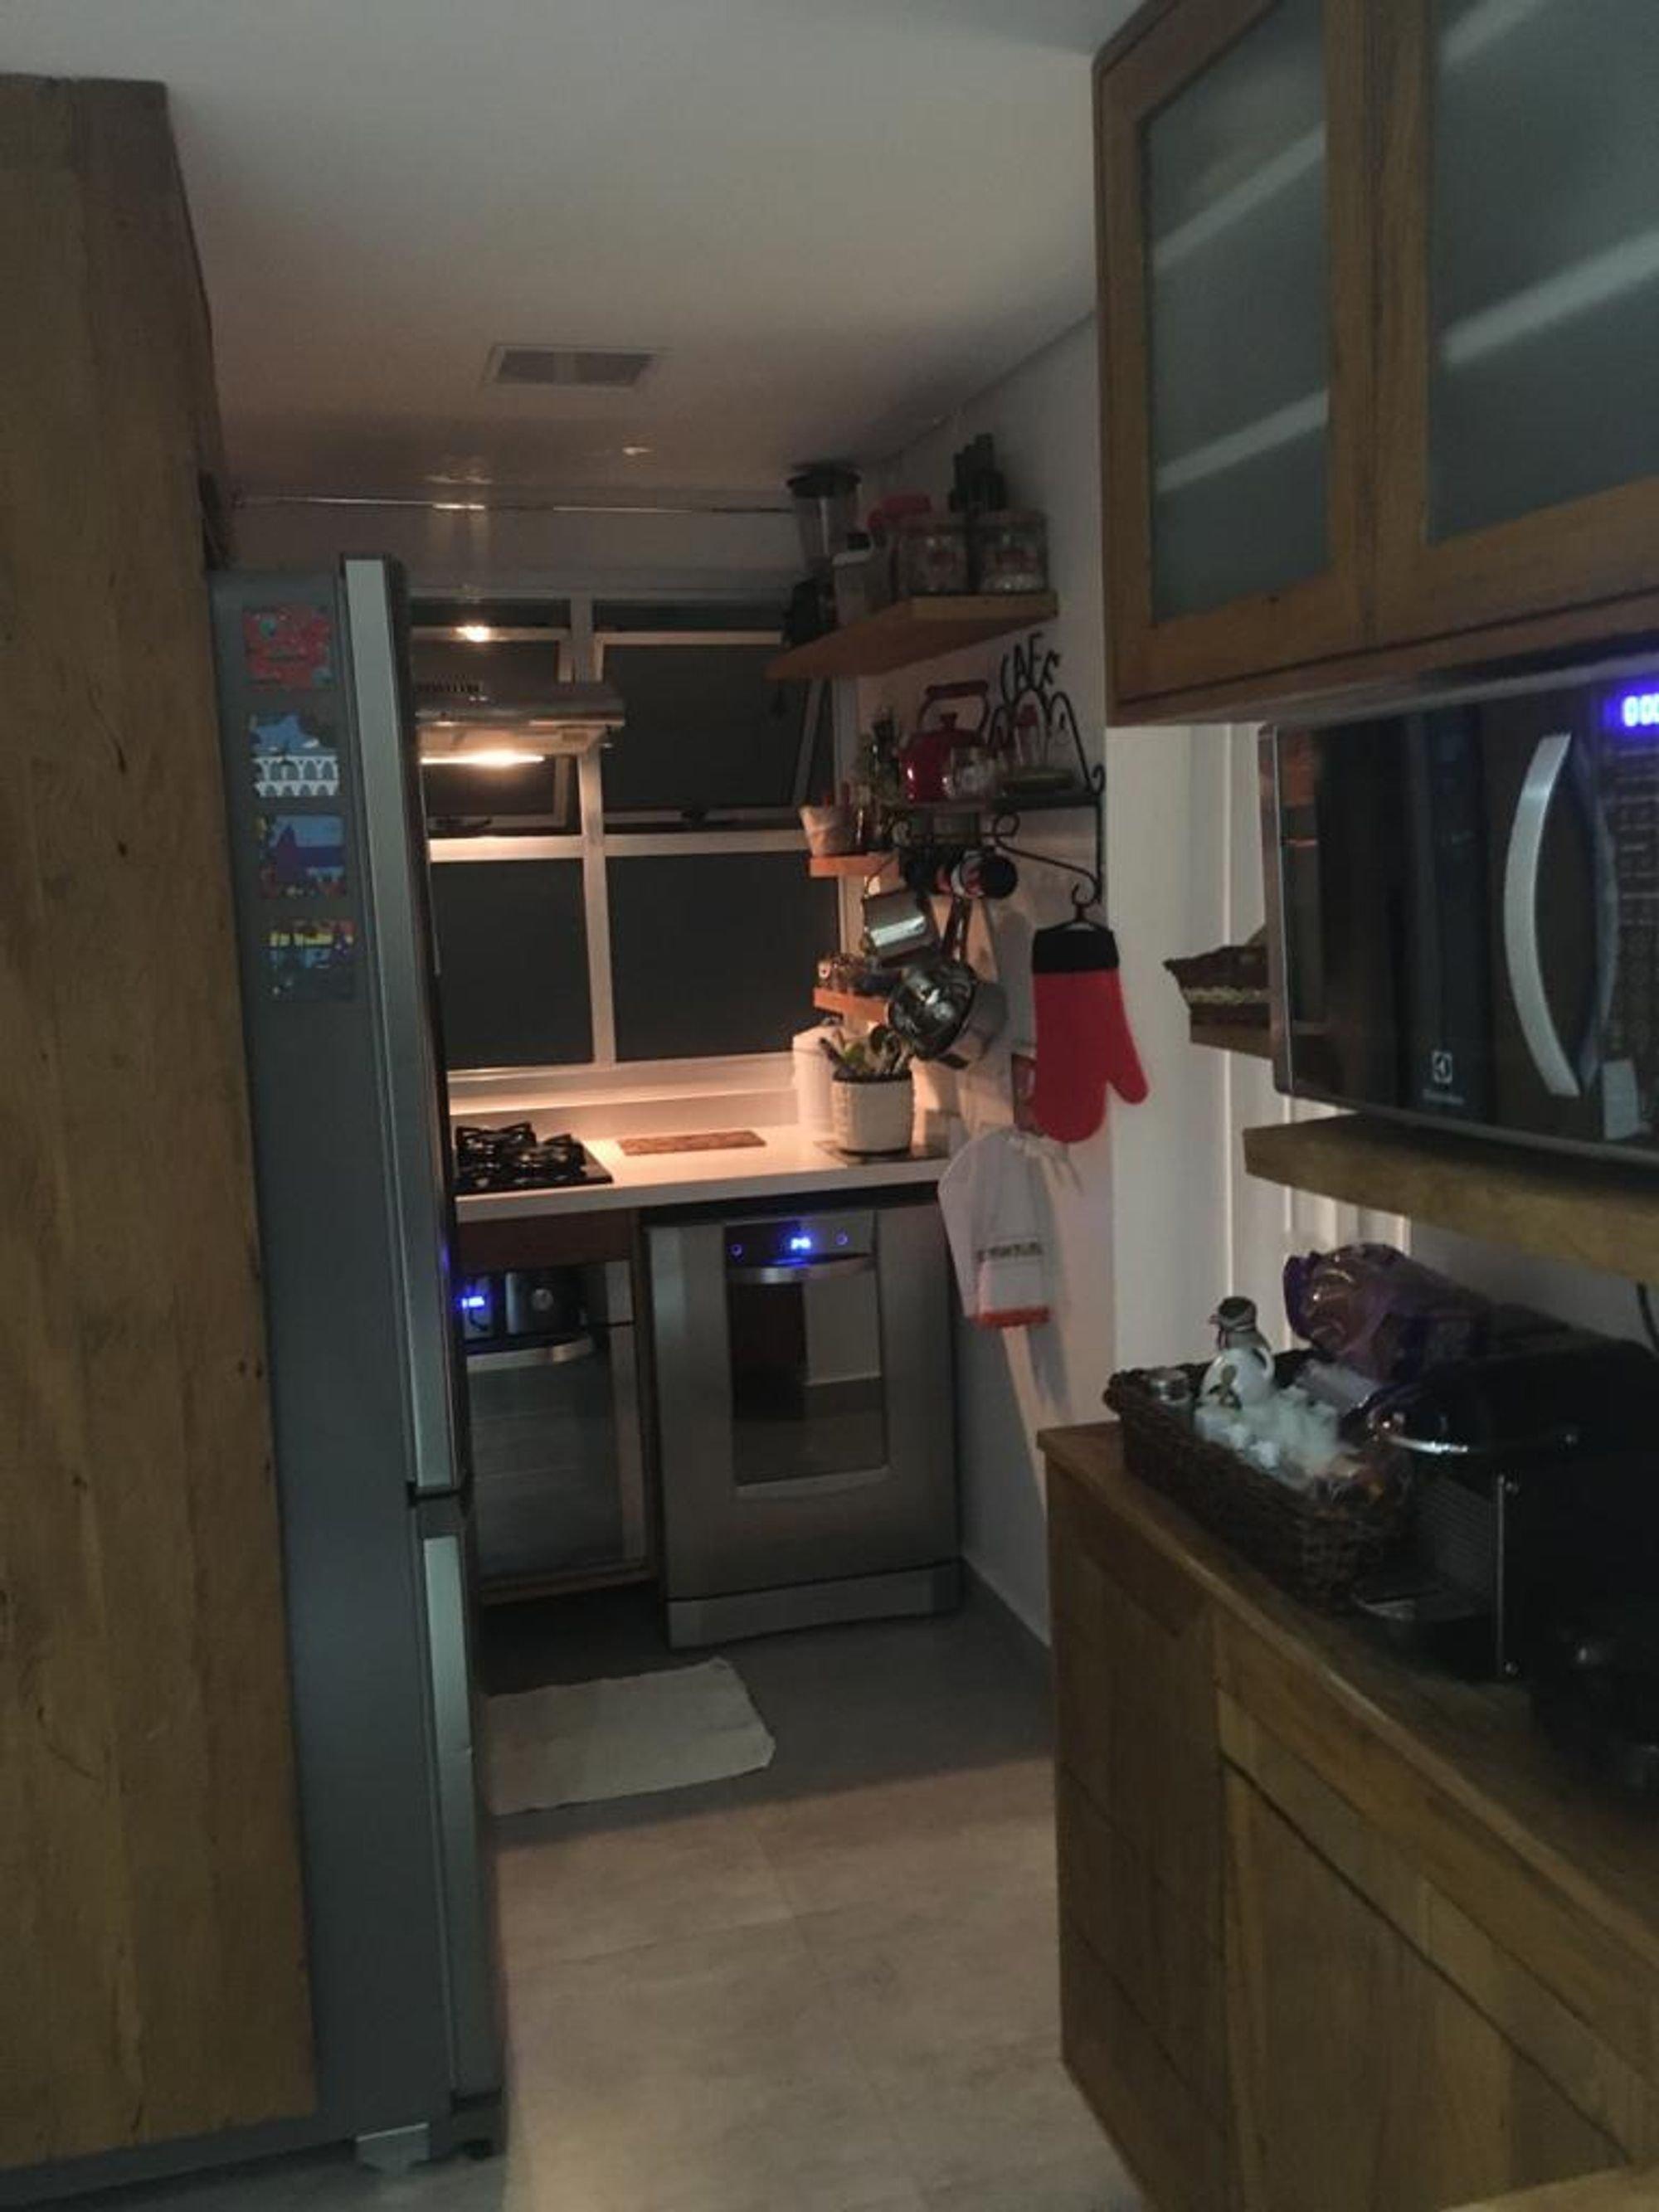 Foto de Cozinha com forno, televisão, microondas